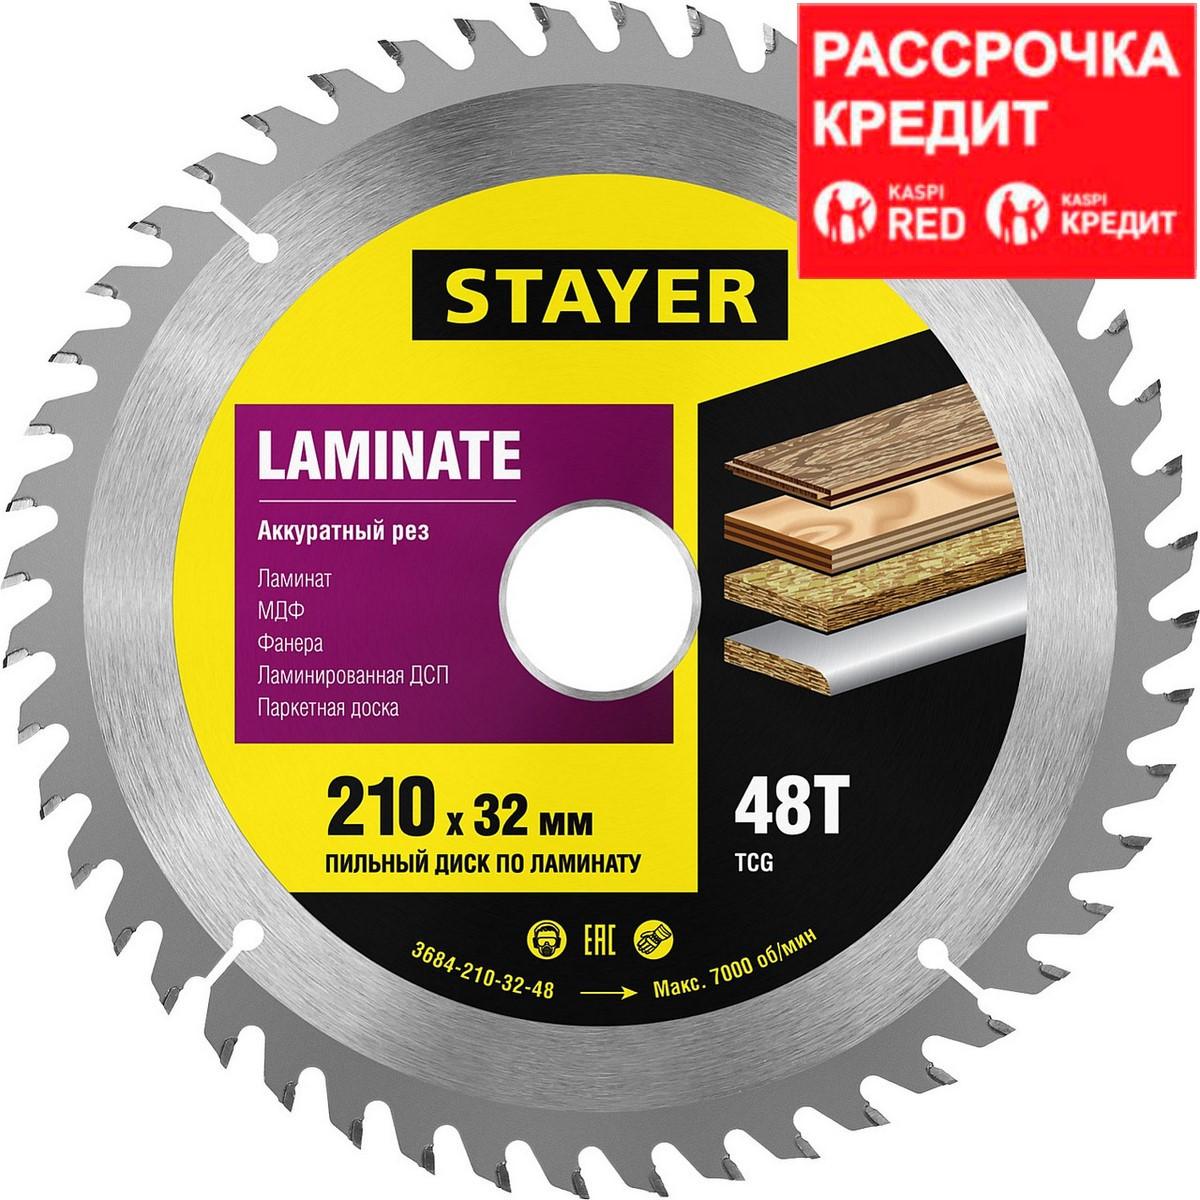 """Пильный диск STAYER """"MASTER"""" для ламината, 210x32, 48Т, ( 3684-210-32-48 )"""